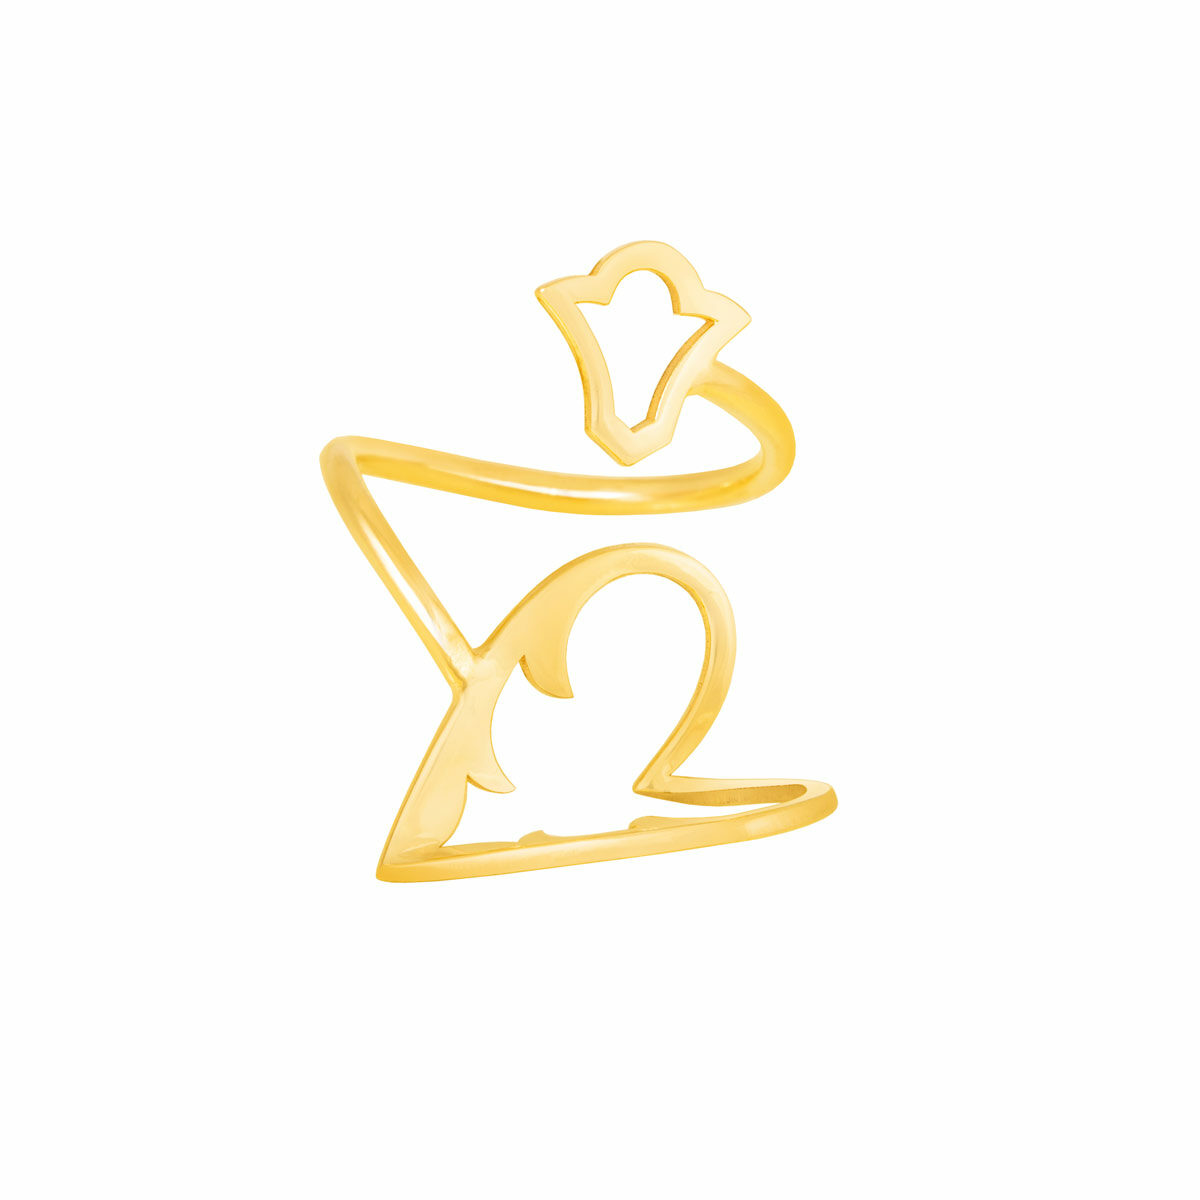 انگشتر طلا آشیما پرسته